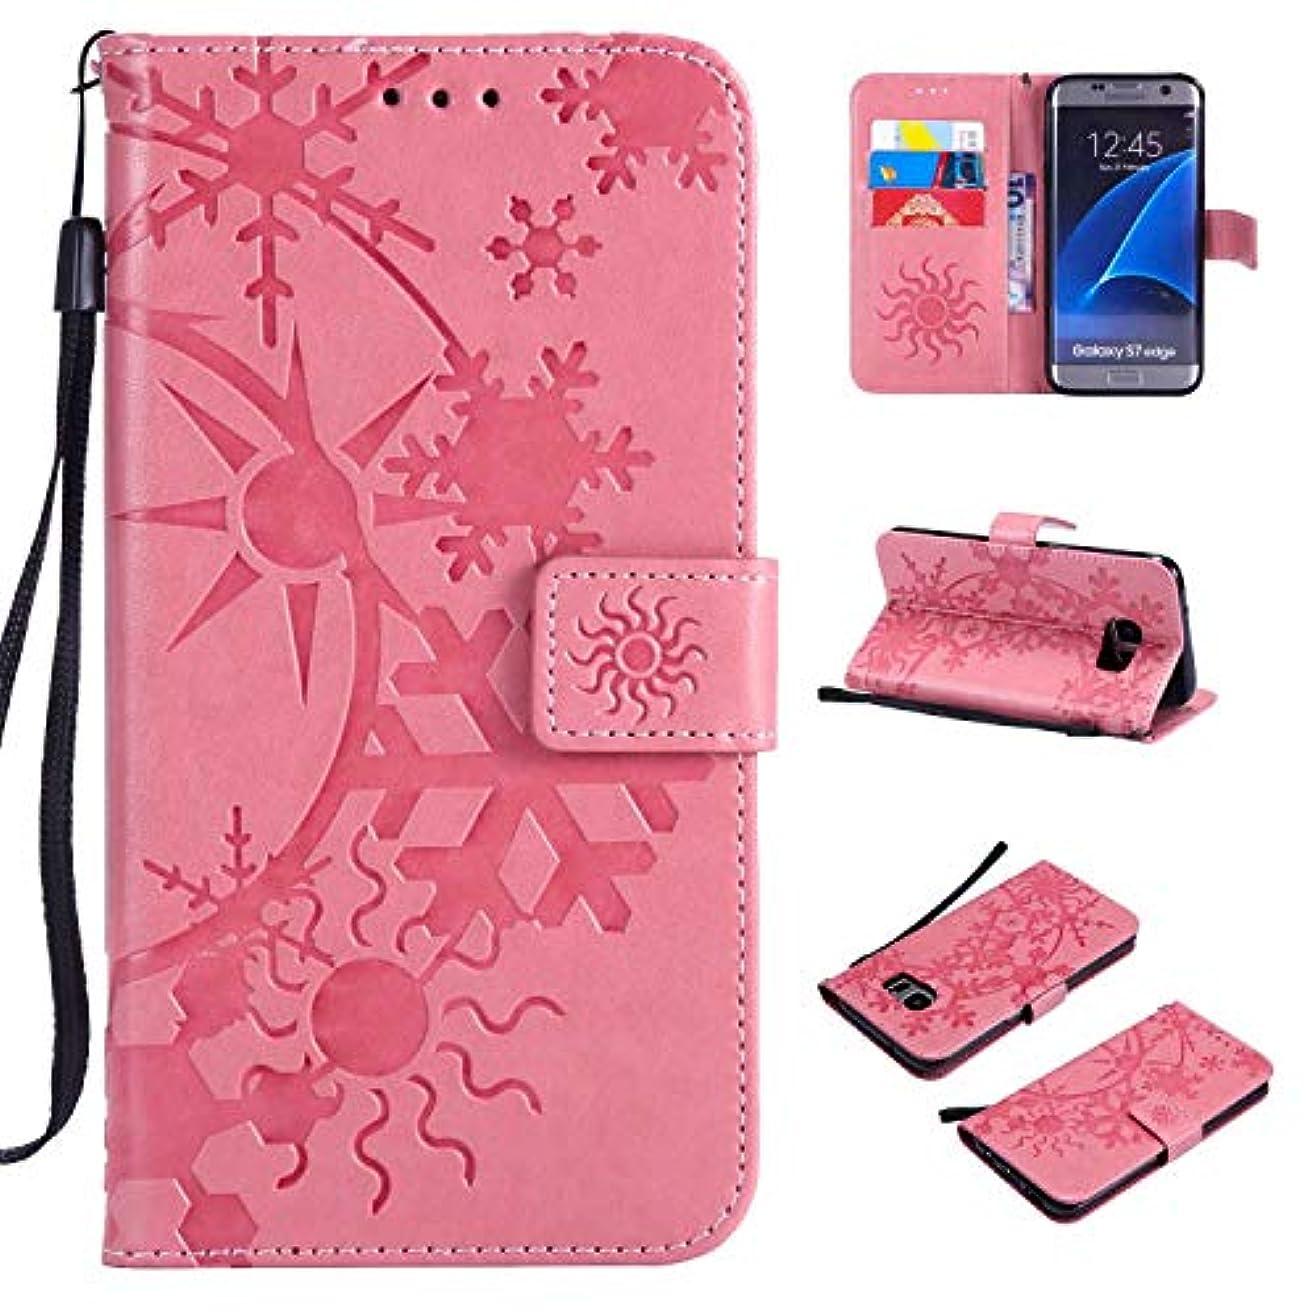 膨張する案件飛行場Galaxy S7 Edge ケース CUSKING 手帳型 ケース ストラップ付き かわいい 財布 カバー カードポケット付き Samsung ギャラクシー S7 Edge マジックアレイ ケース - ピンク